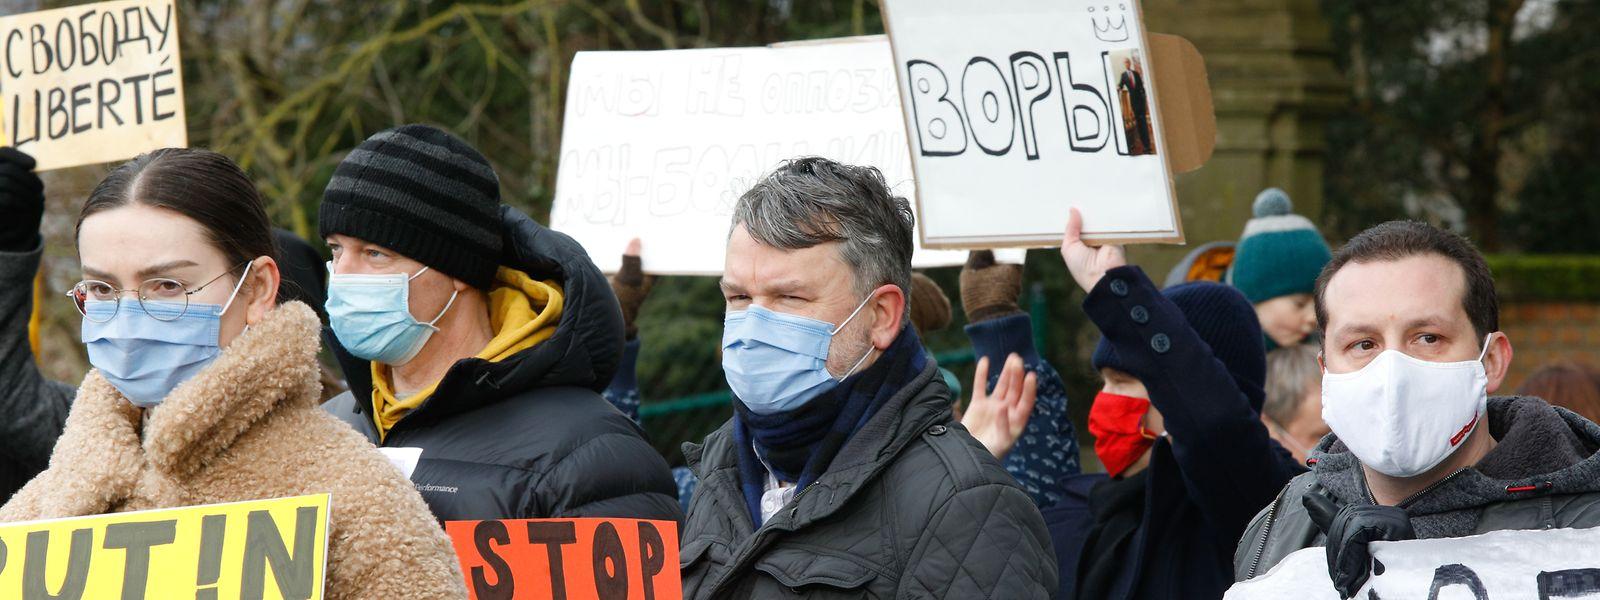 Protest vor der russischen Botschaft in Luxemburg.